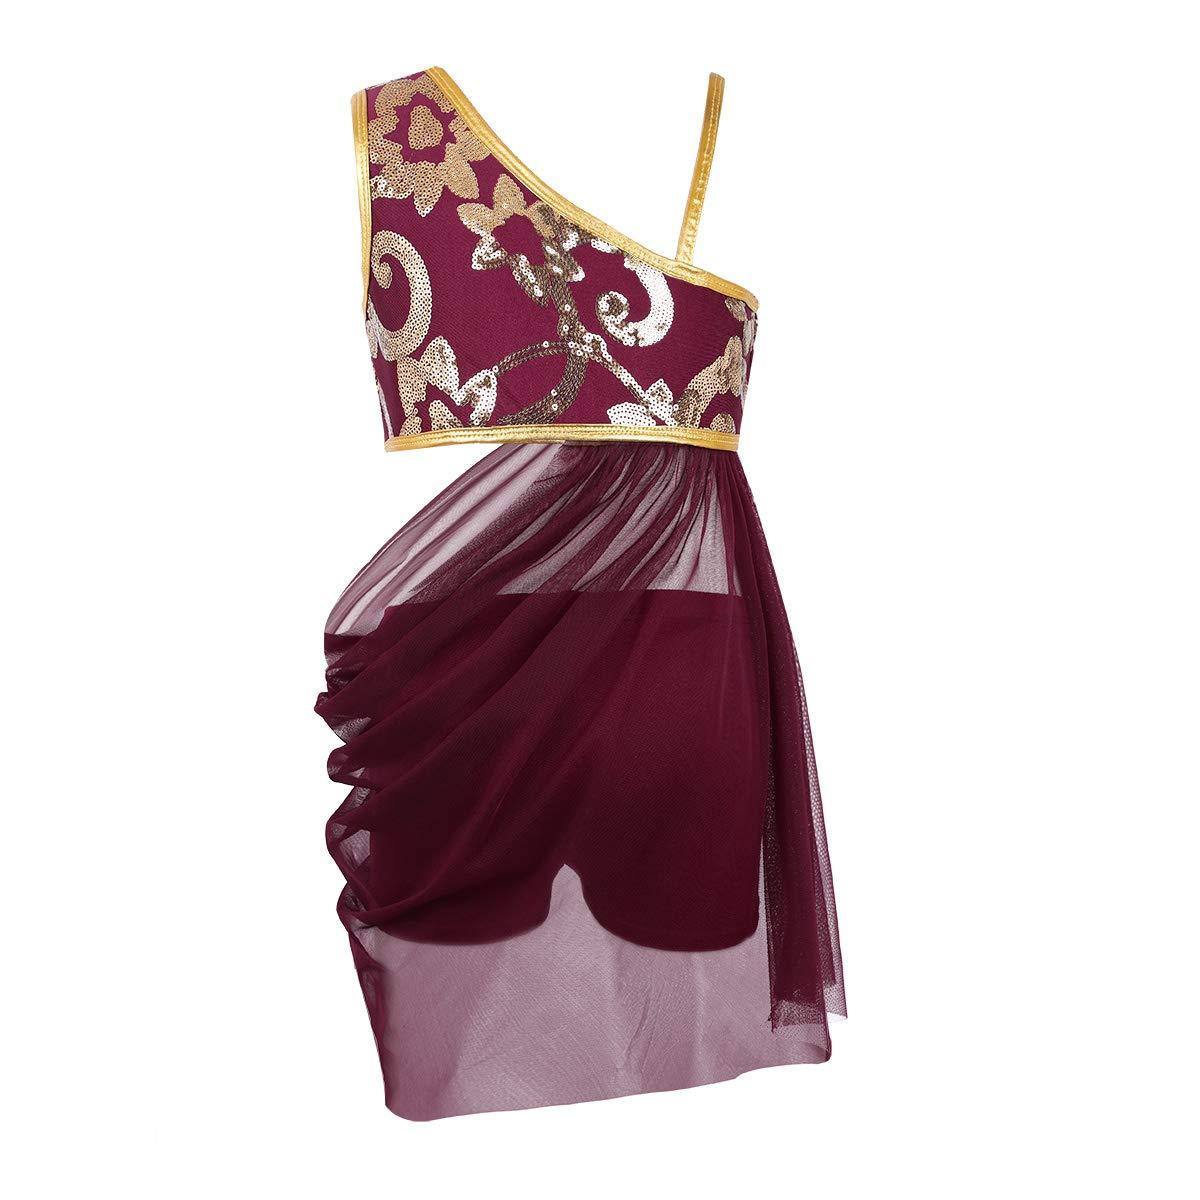 CHICTRY 2PCS Fille Robe Danse Latine Asymétrique Gym Robe Danseuse Rumba Zumba Salsa Classique Sequins Top ET Short Robe de Ballet 6-14 Ans